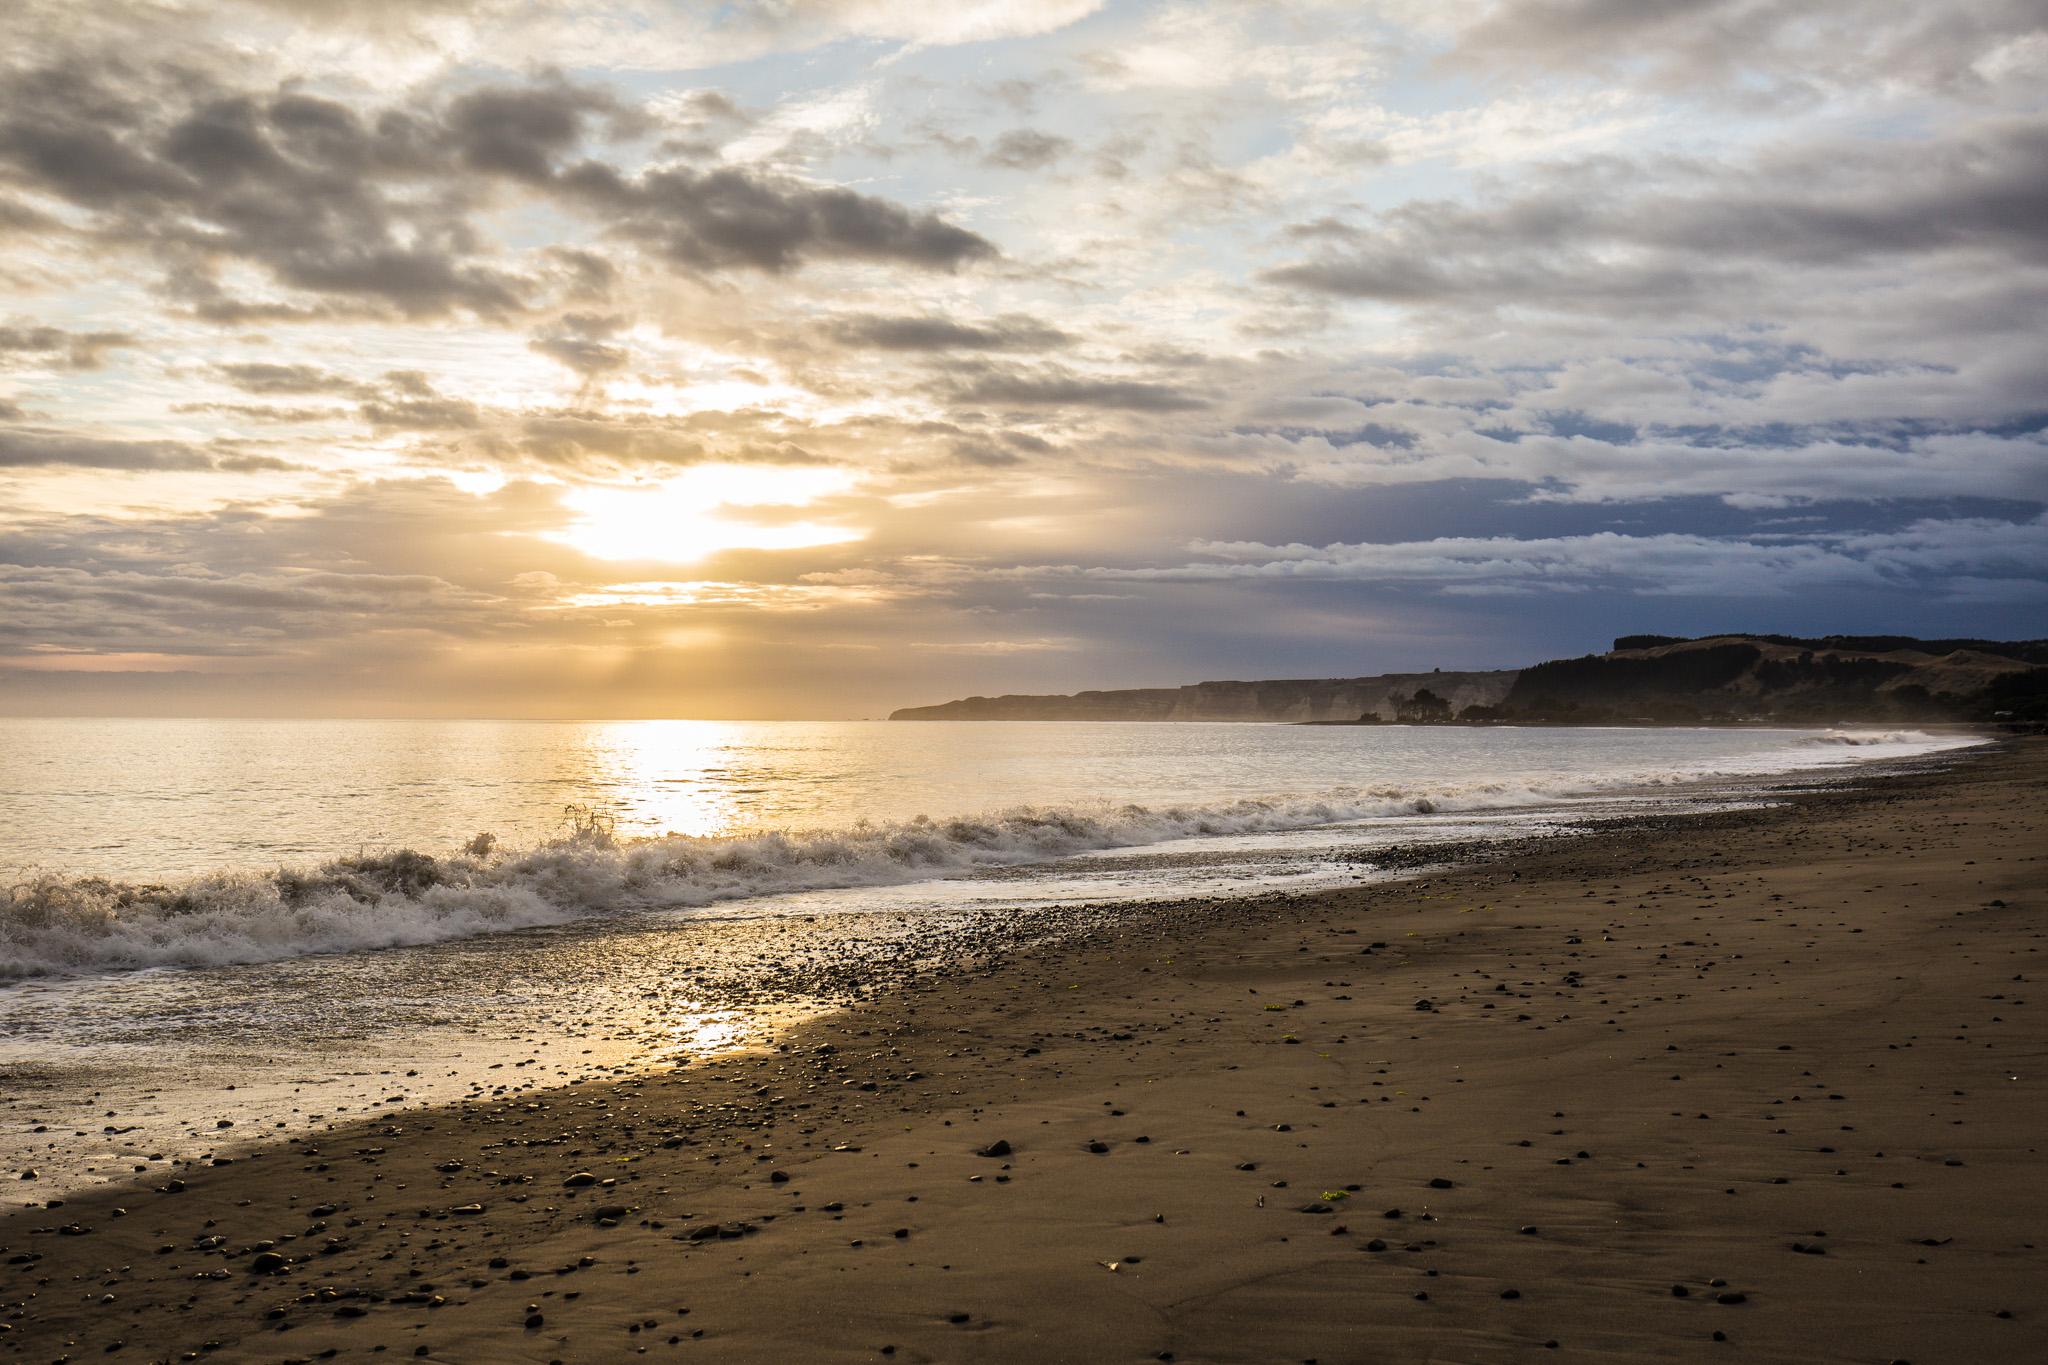 Sunrise over Hawke's Bay